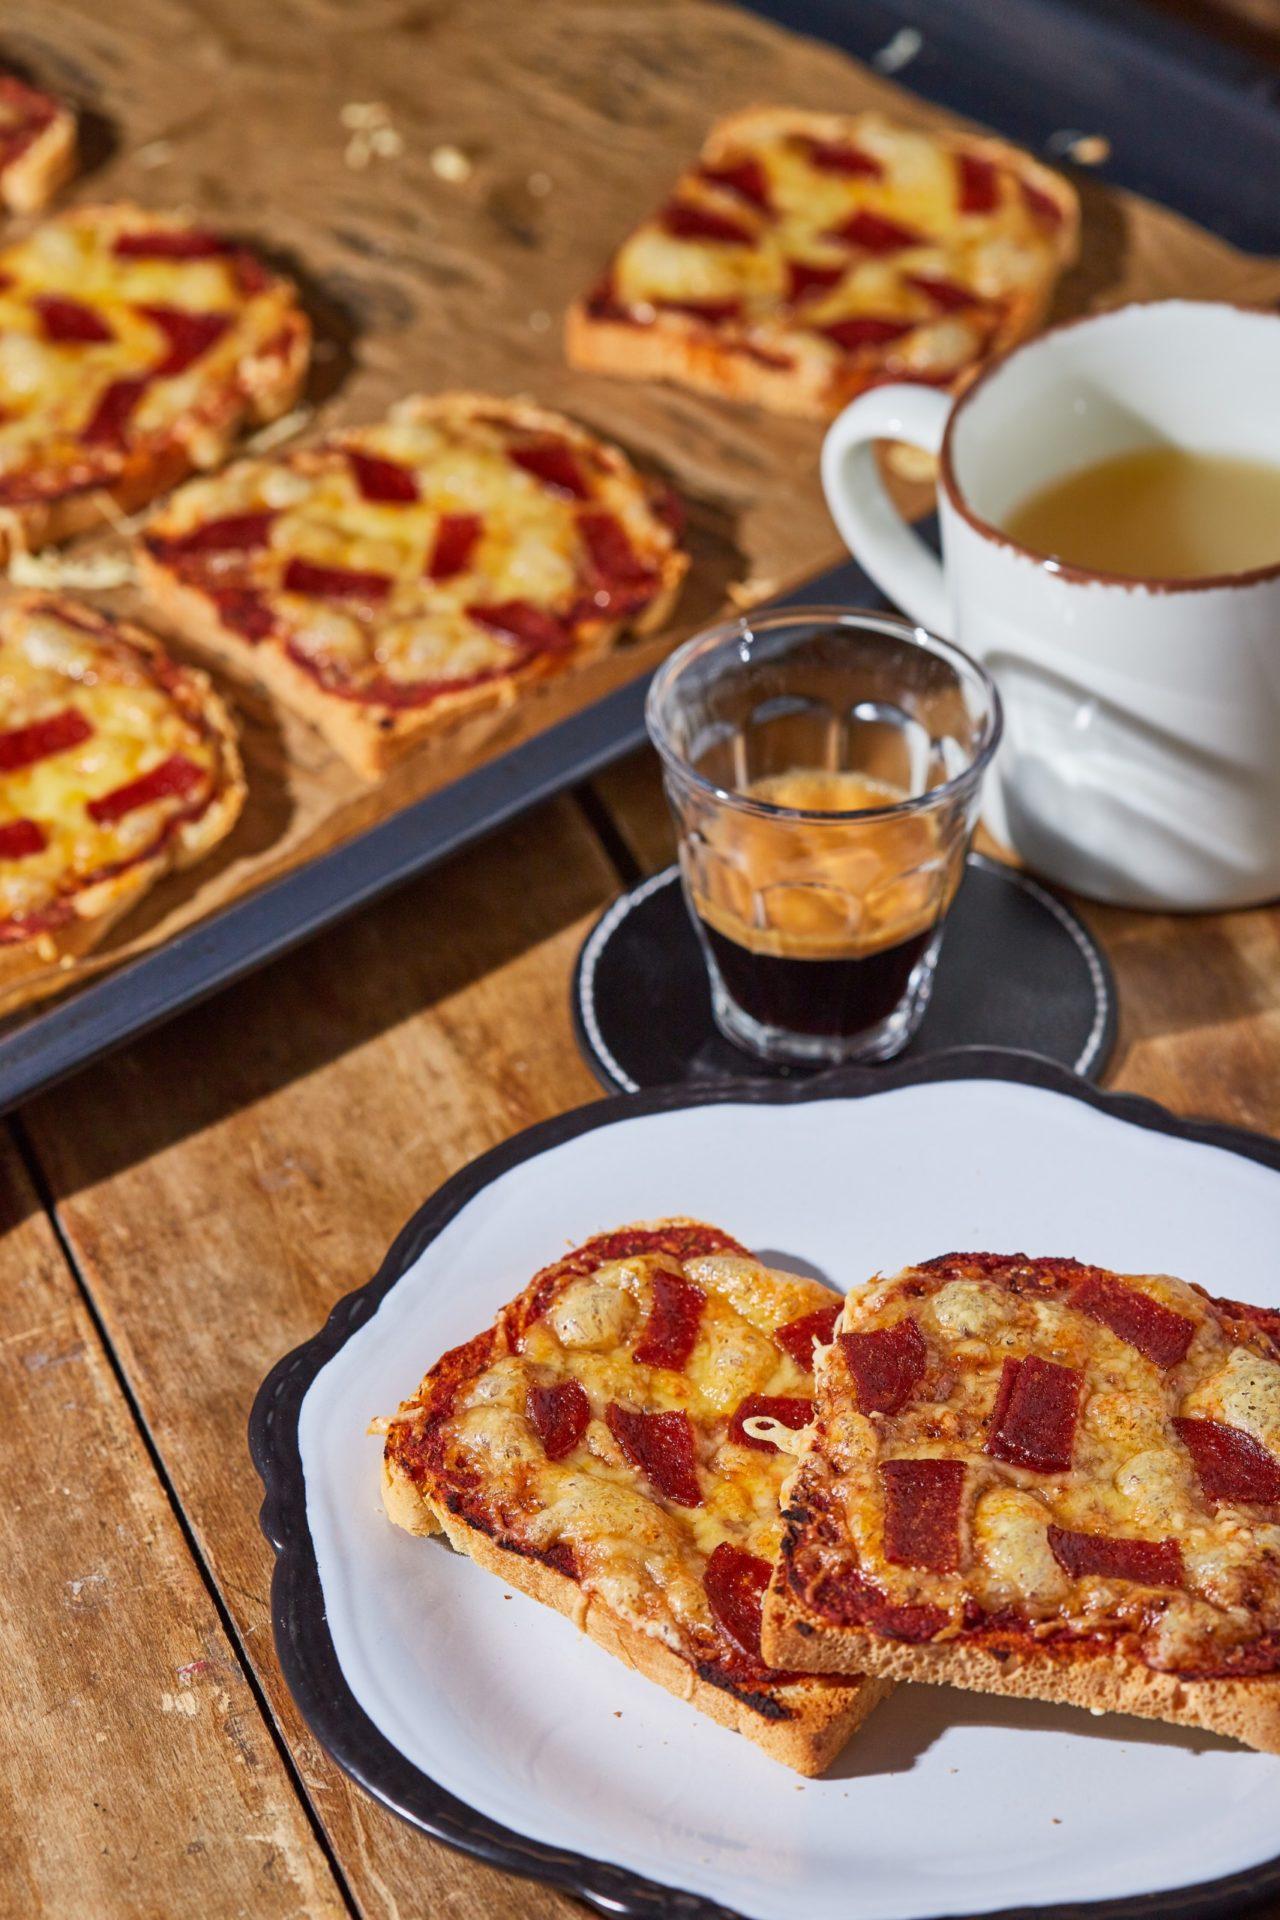 szalámis-pizzás melegszendvics